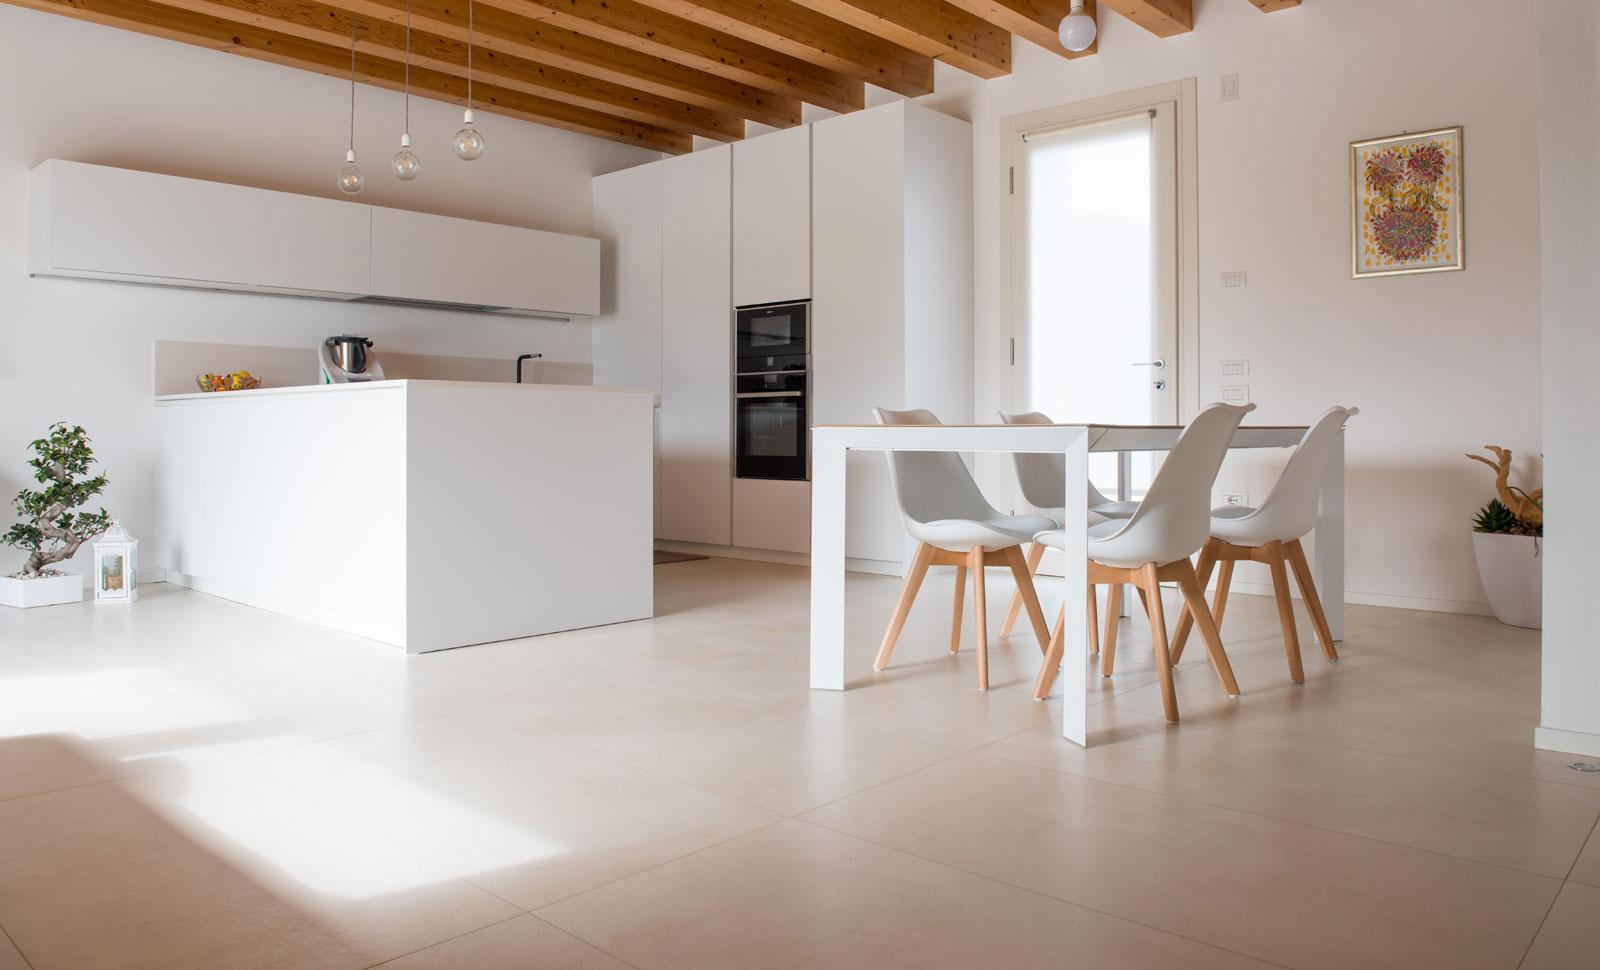 Top arredobagno with pavimenti bagno - Pavimento in legno per bagno ...